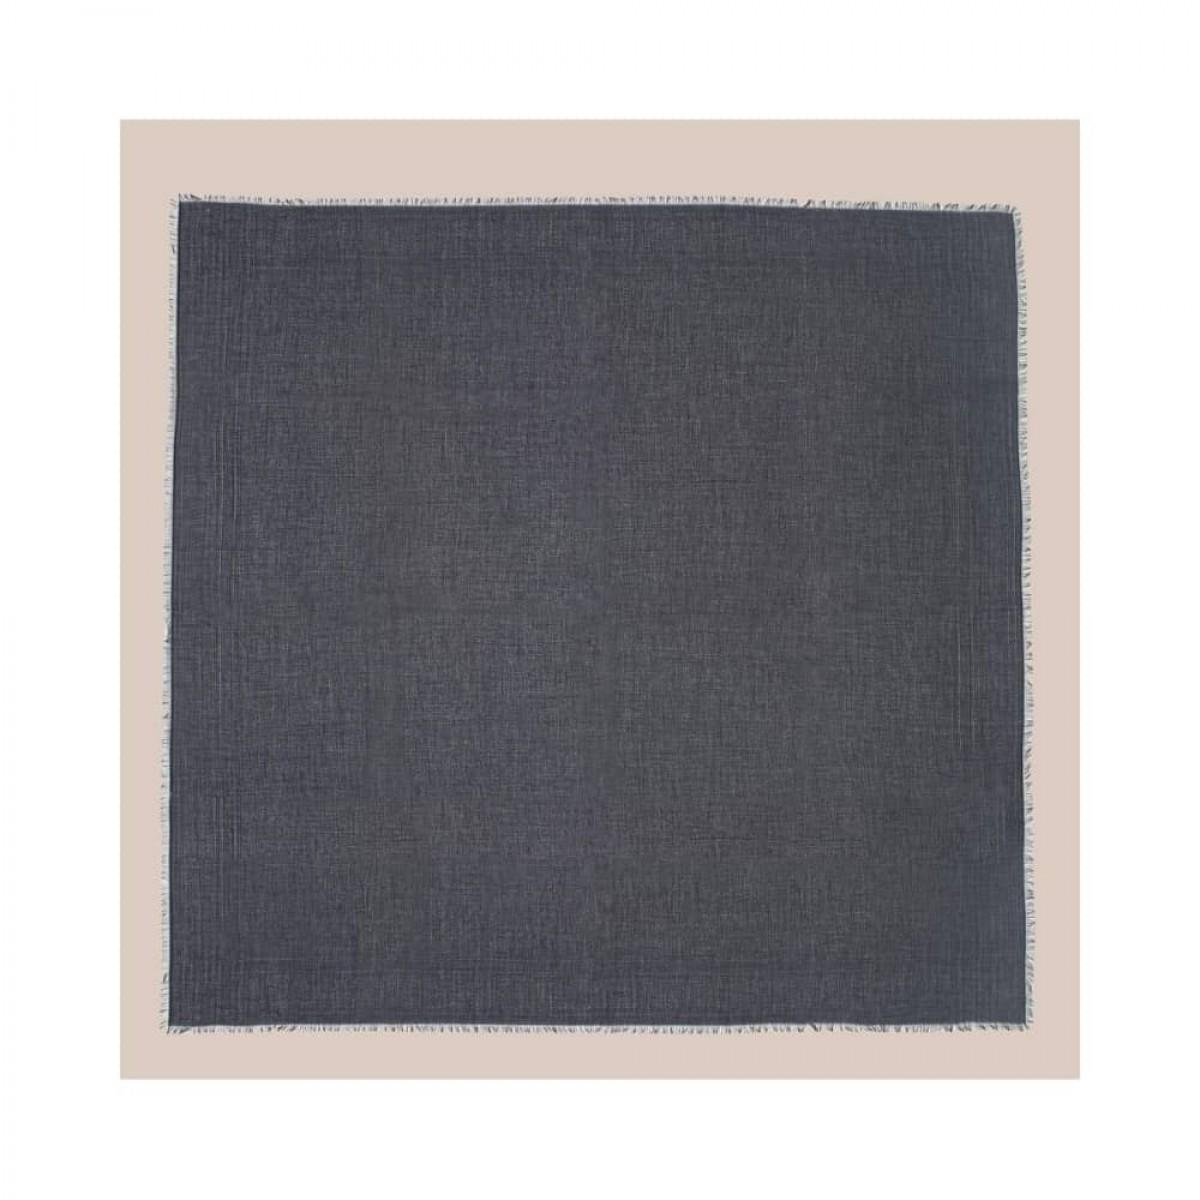 cube amalis tørklæde - black - front